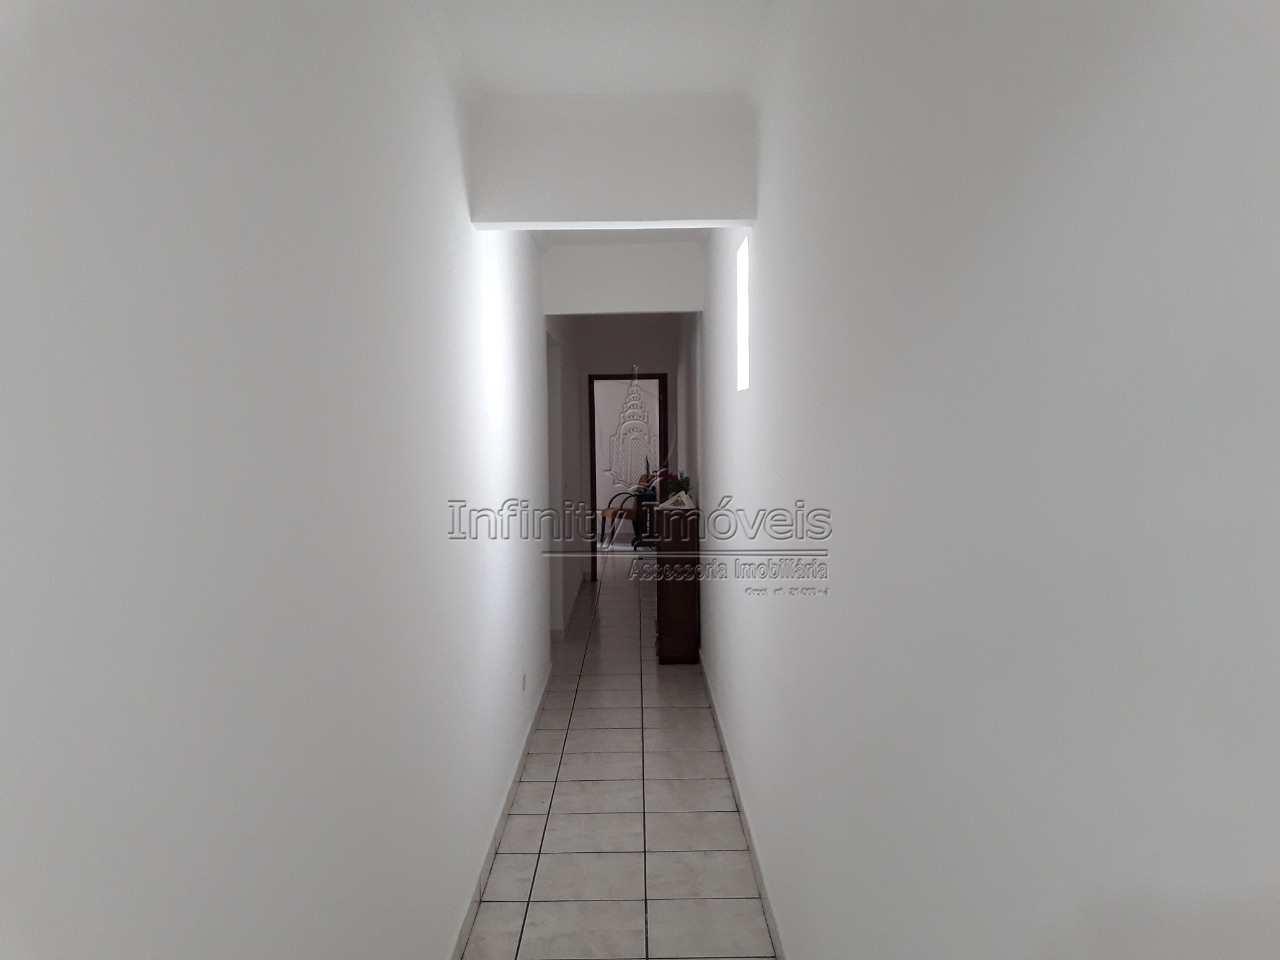 Venda, Sobreposta Térrea, 115,00m2, em Santos